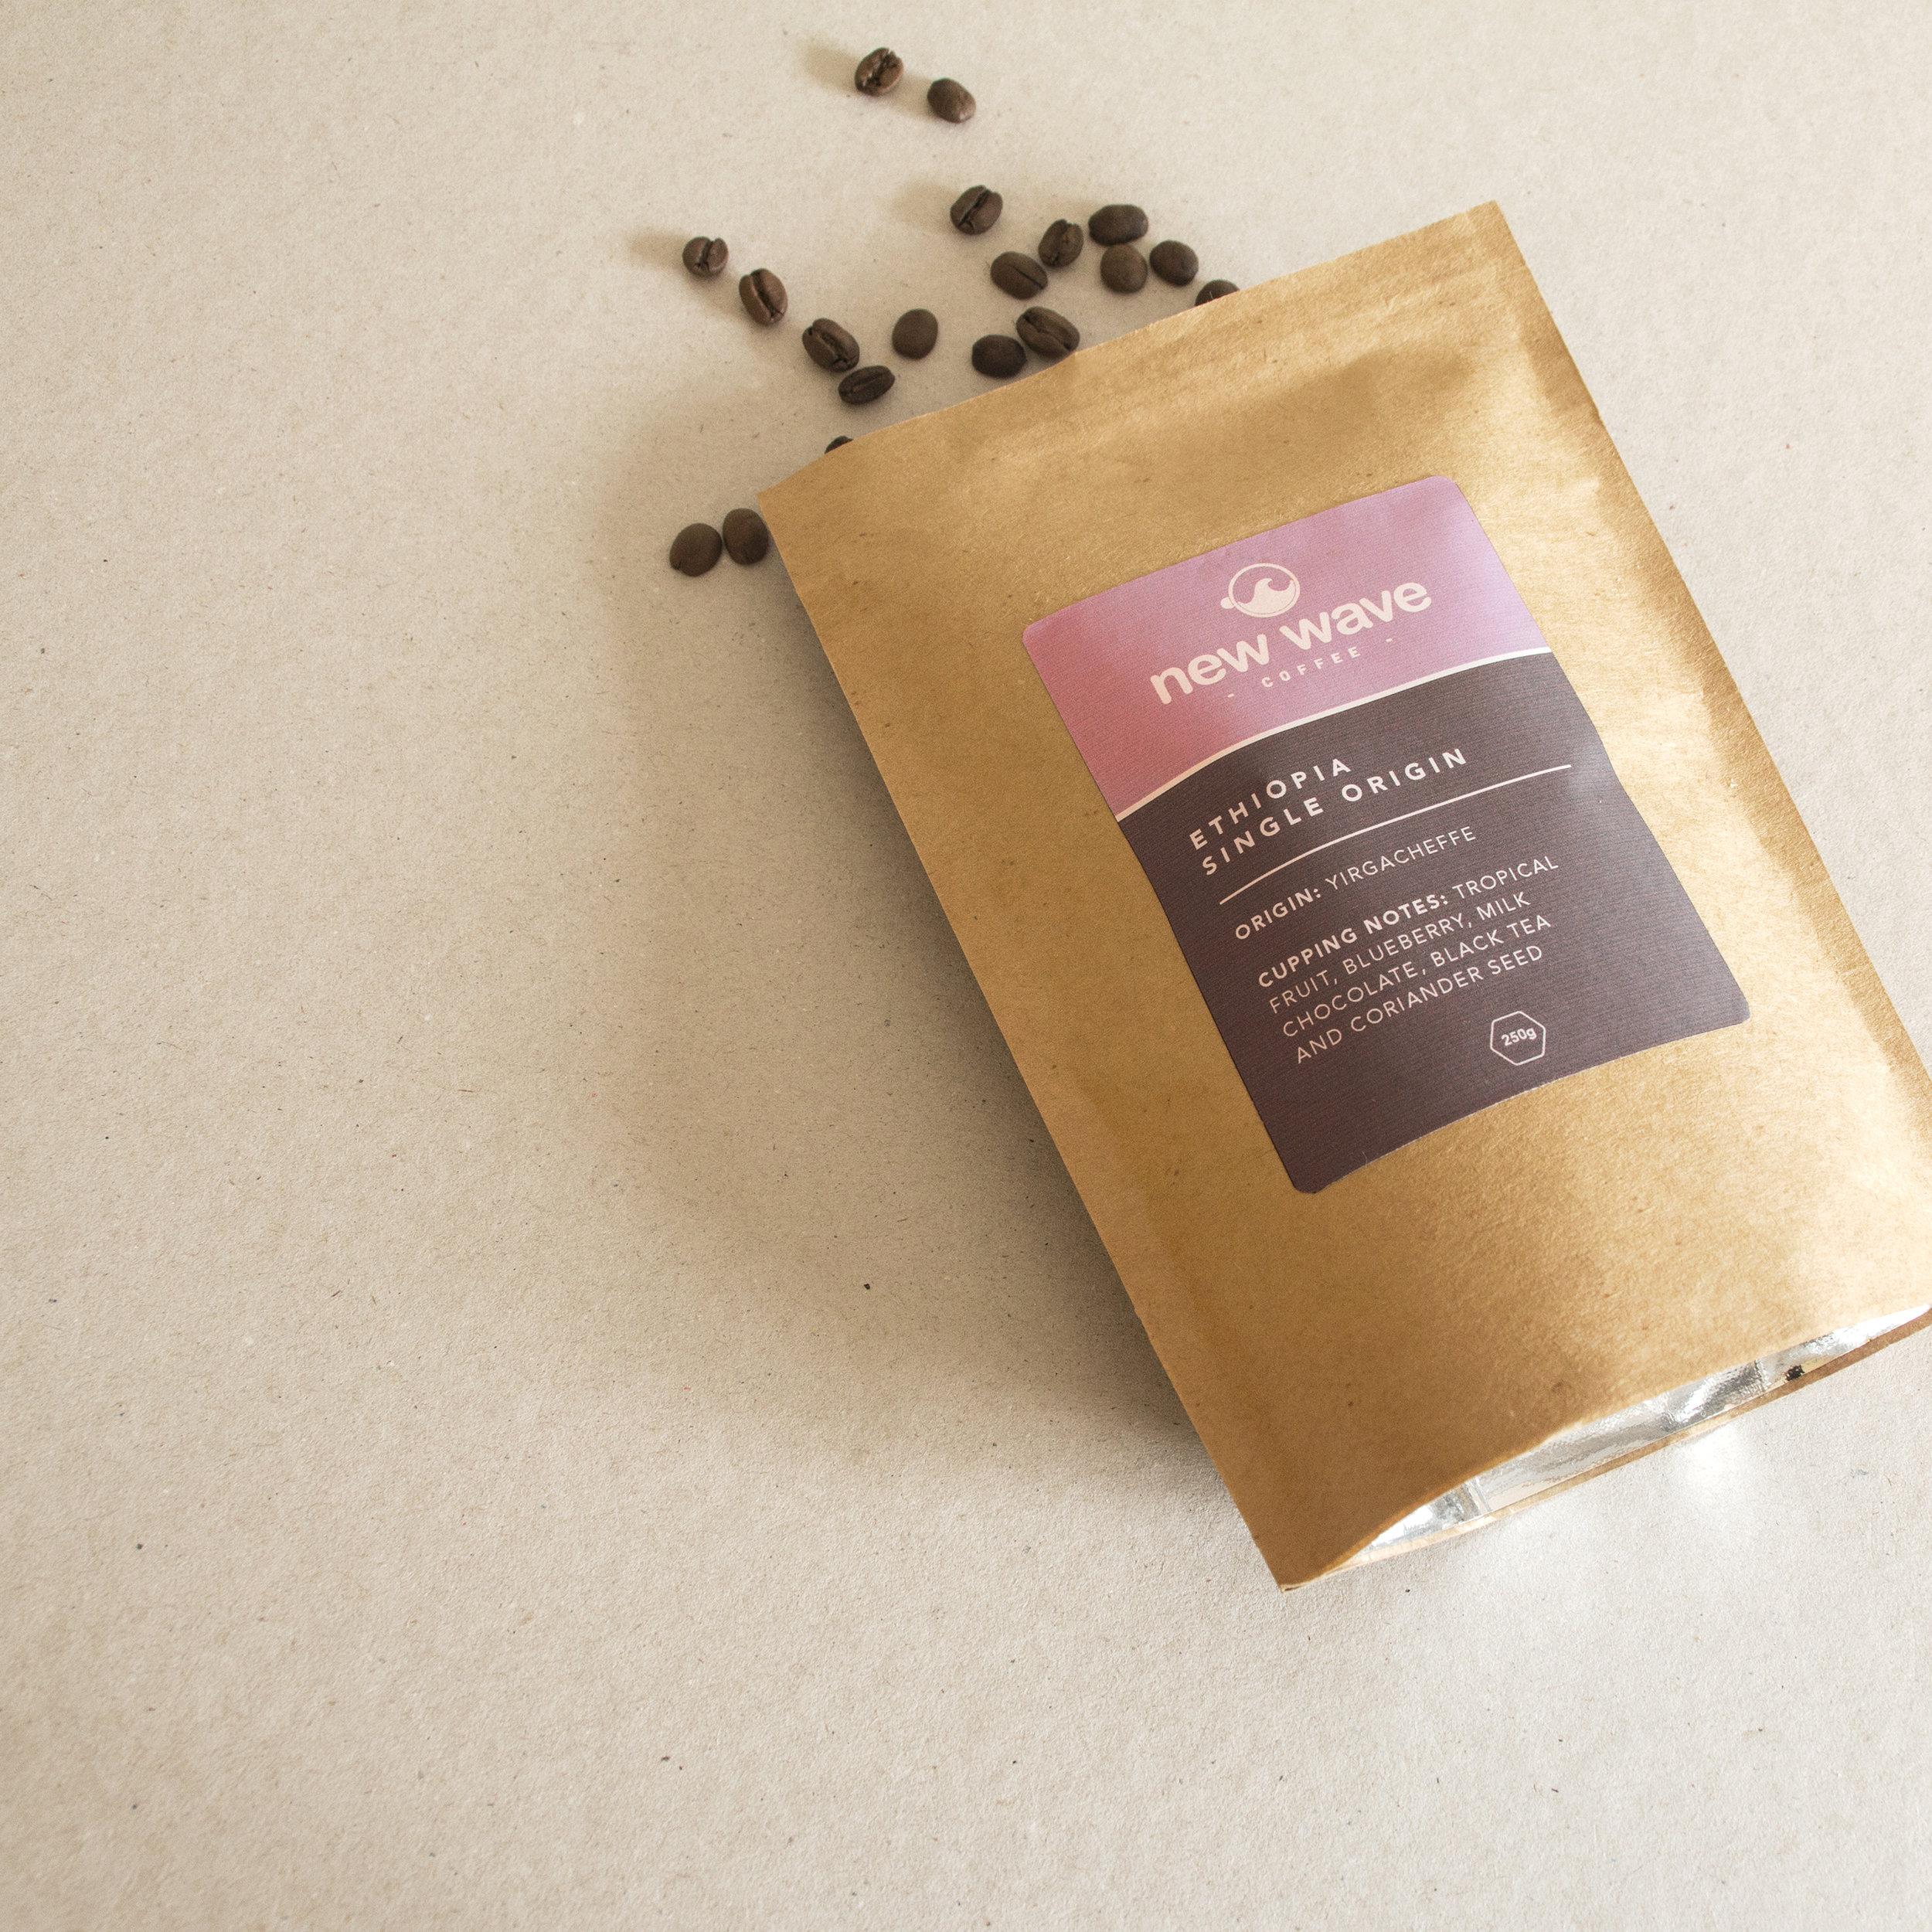 coffee-shop-package.jpg